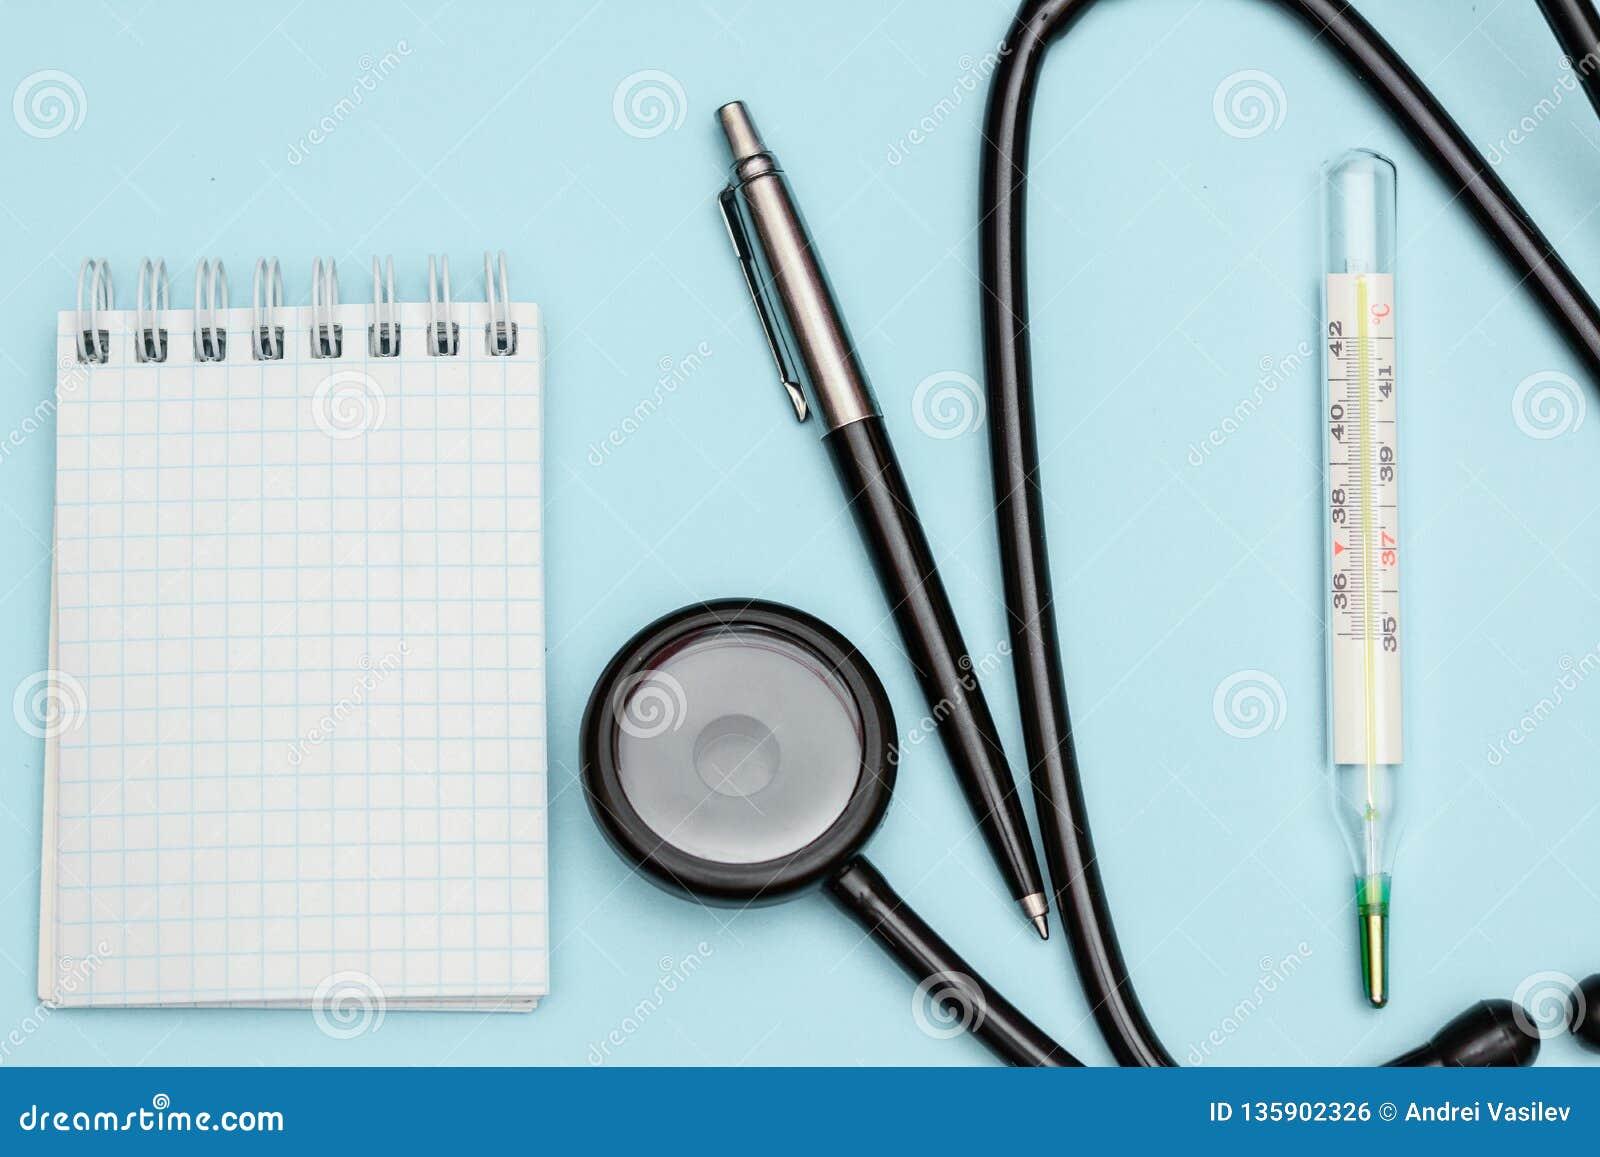 Termometro Medico E Uno Stetoscopio Su Uno Scrittorio Blu ...